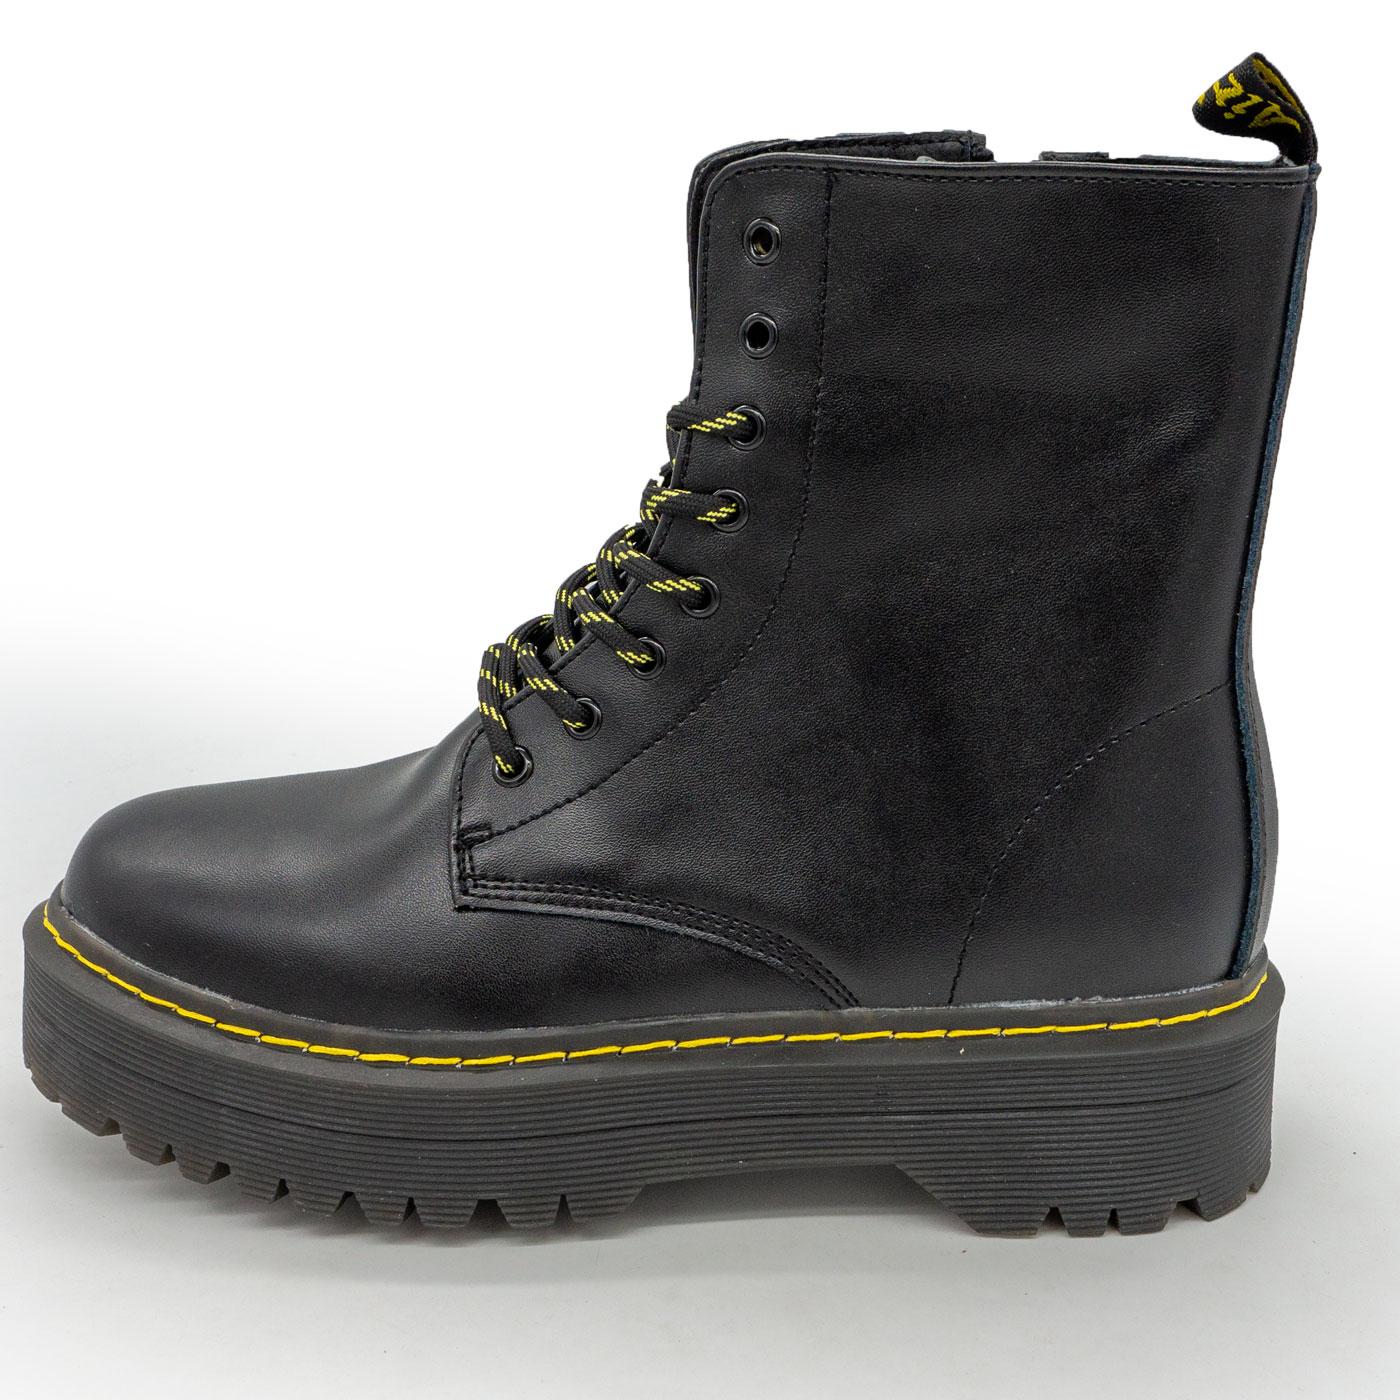 фото main Черные женские кожаные ботинки с мехом в стиле Dr. Martens main